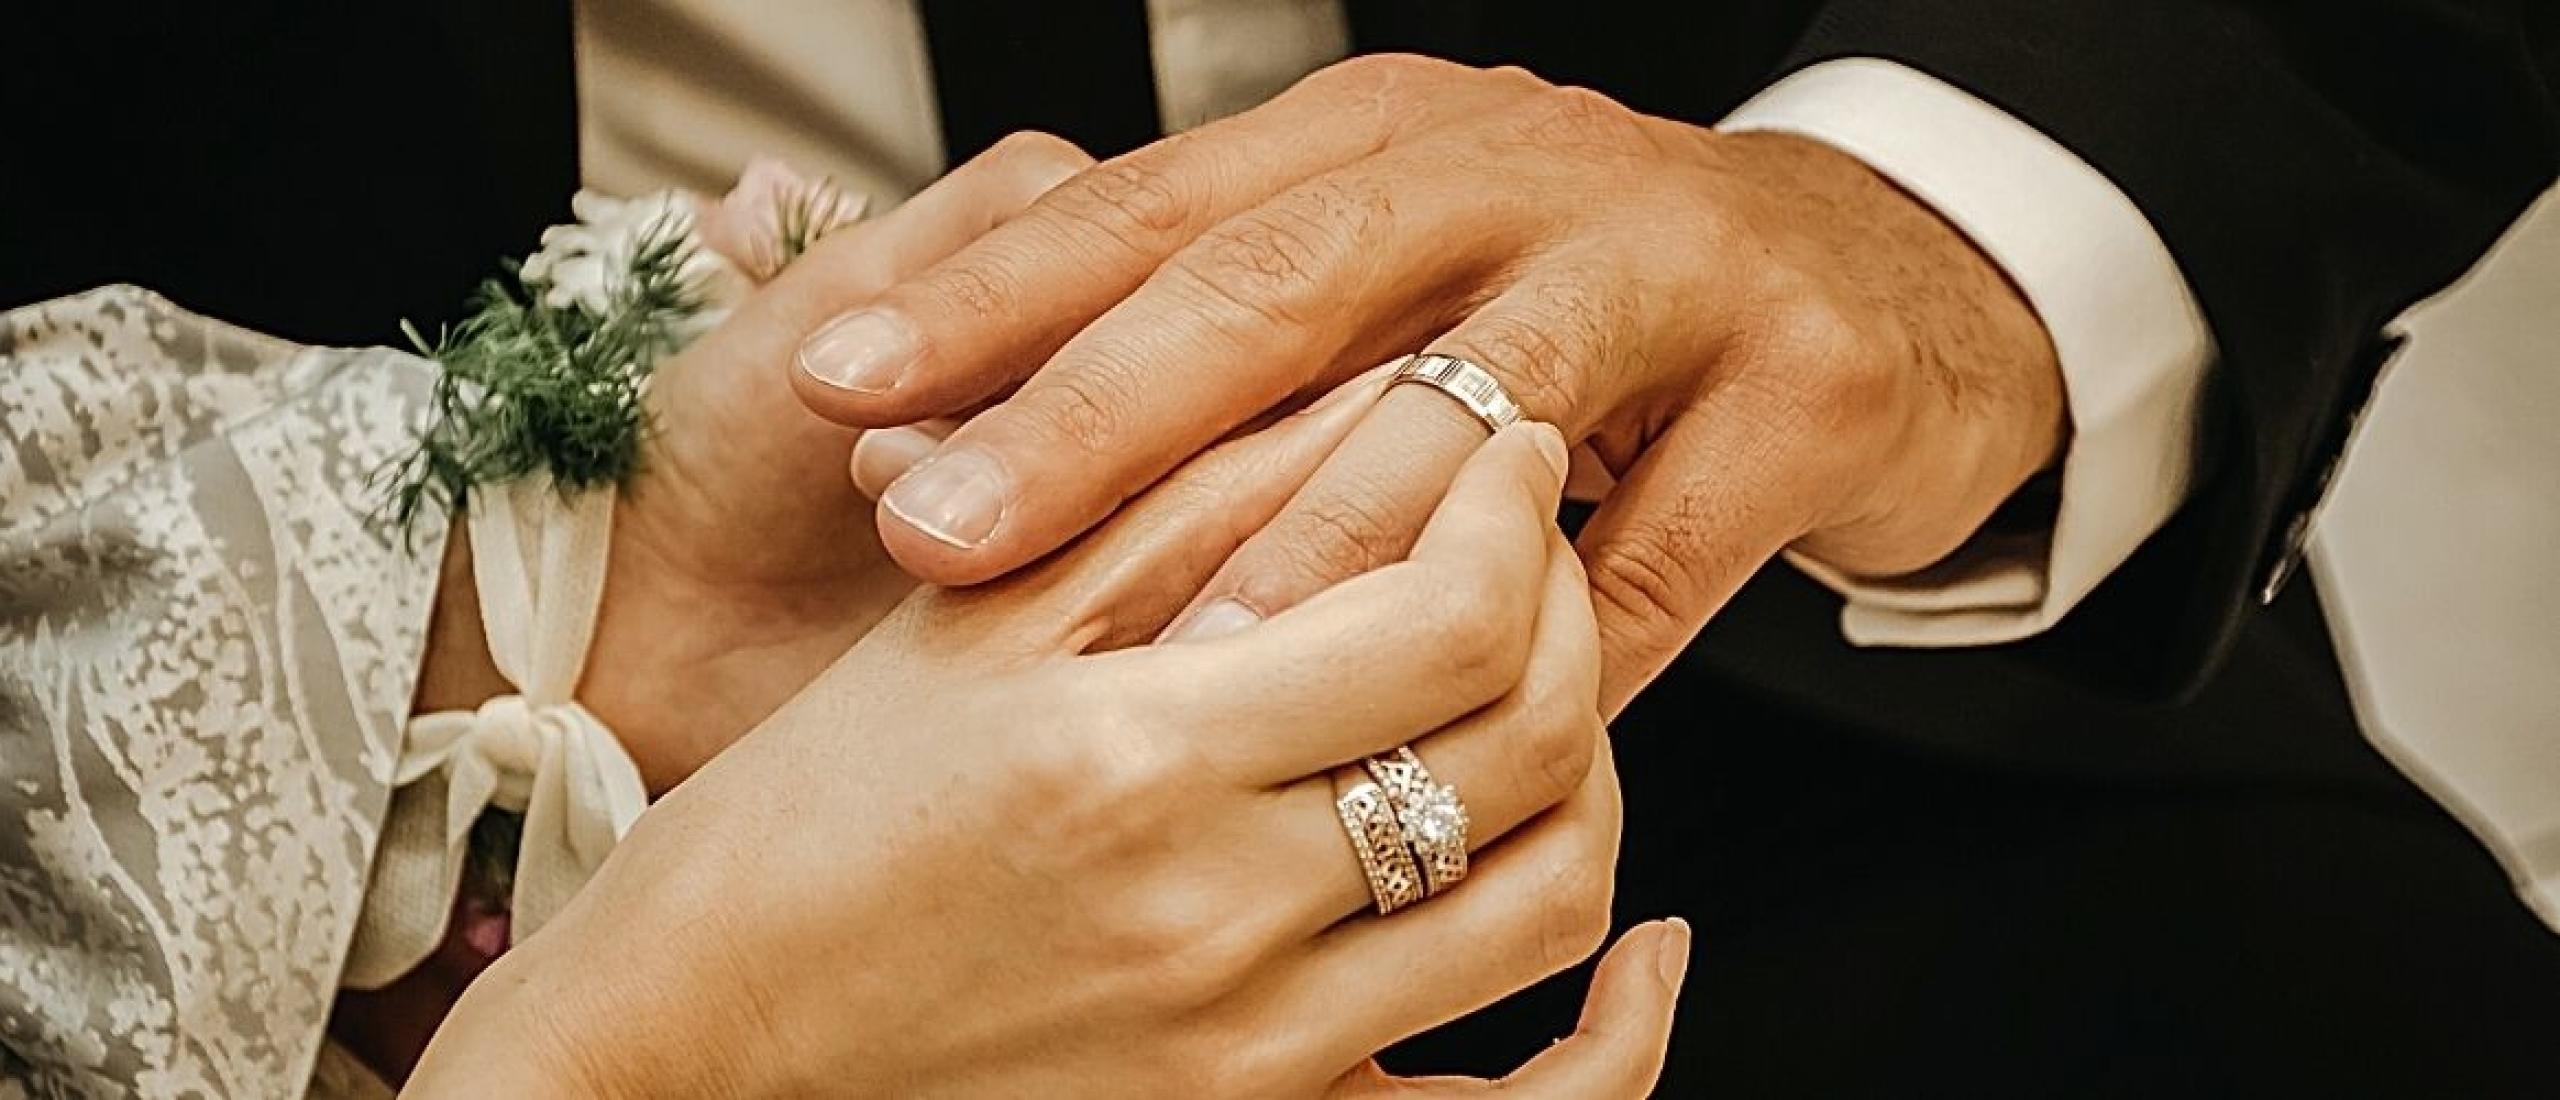 Waarom een trouwring om de linkerhand gedragen wordt